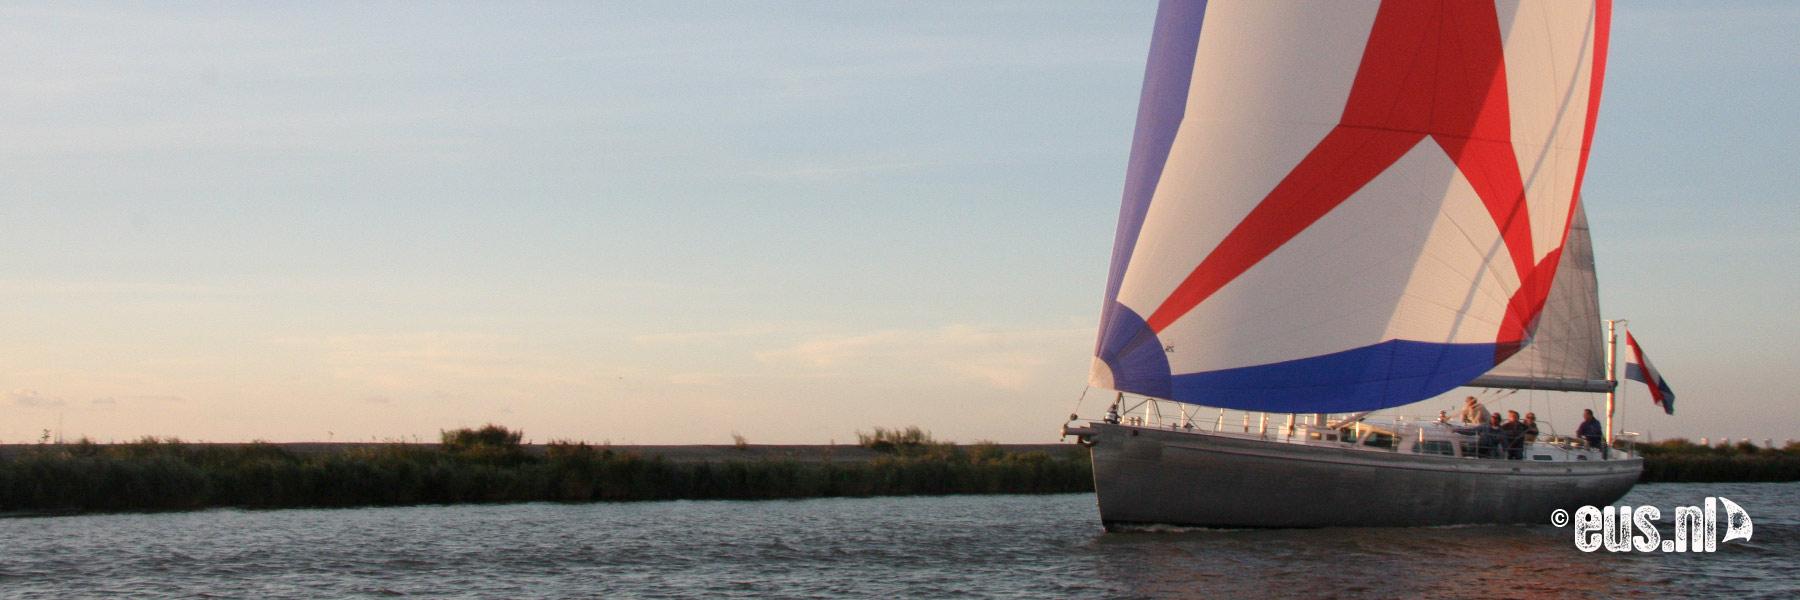 Zeiluitje met zeiljacht op het IJsselmeer